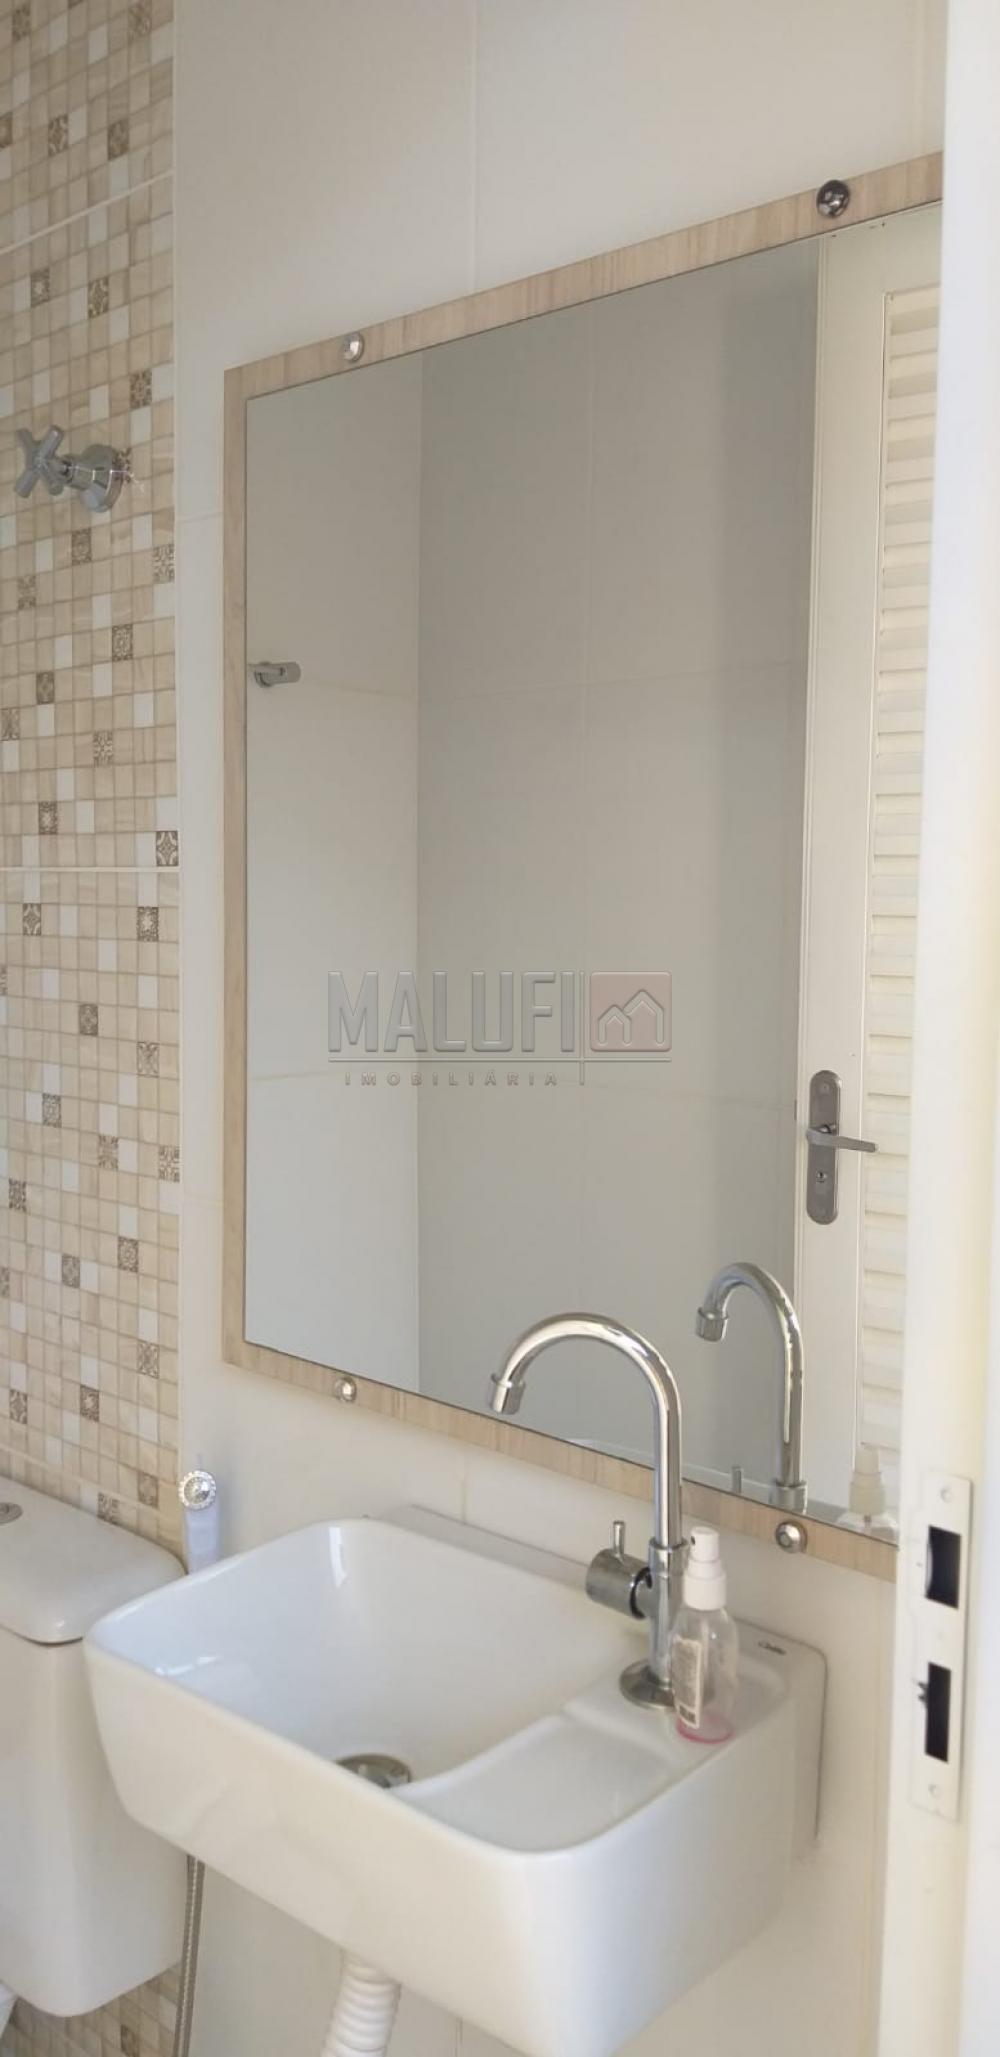 Comprar Casas / Padrão em Olímpia R$ 500.000,00 - Foto 21